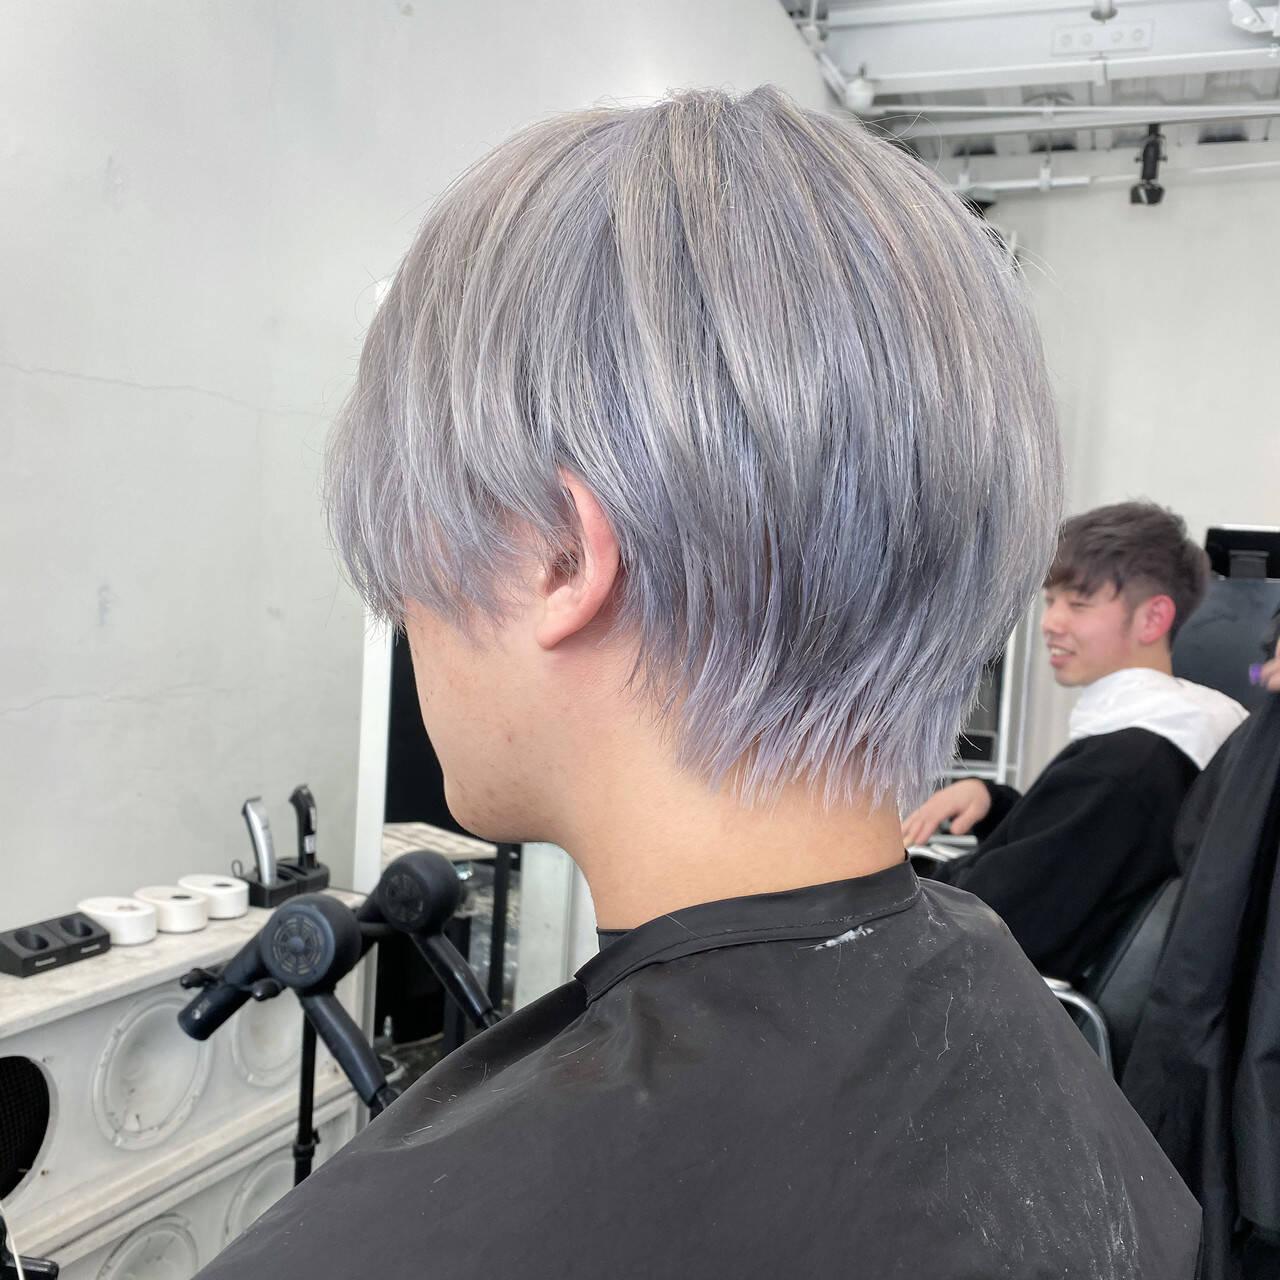 メンズカット バレイヤージュ エレガント メンズカラーヘアスタイルや髪型の写真・画像